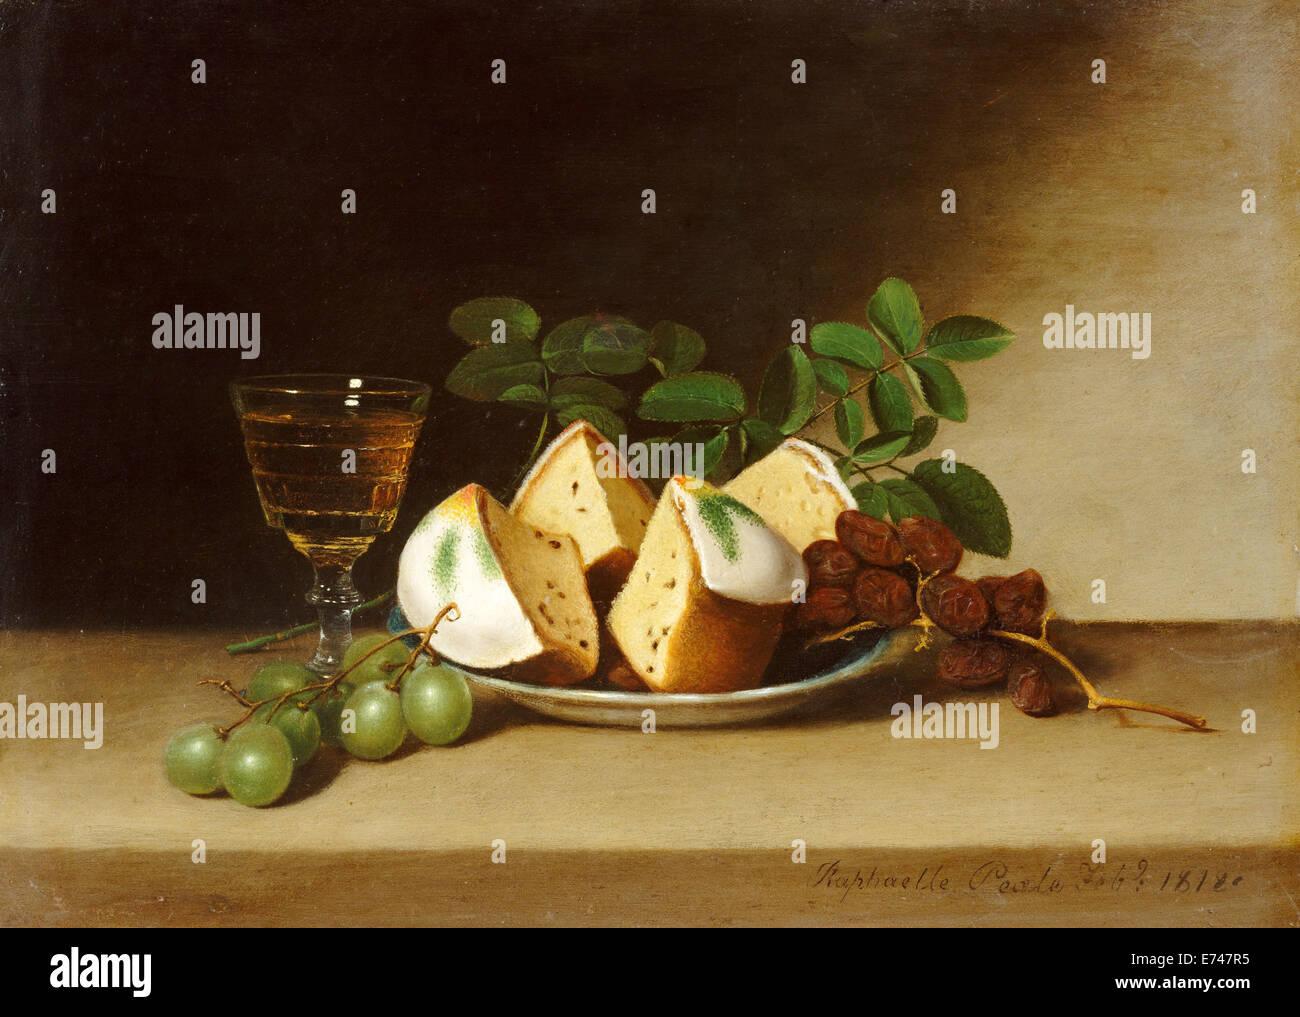 Stillleben mit Kuchen - von Raphaelle Peale, 1818 Stockbild